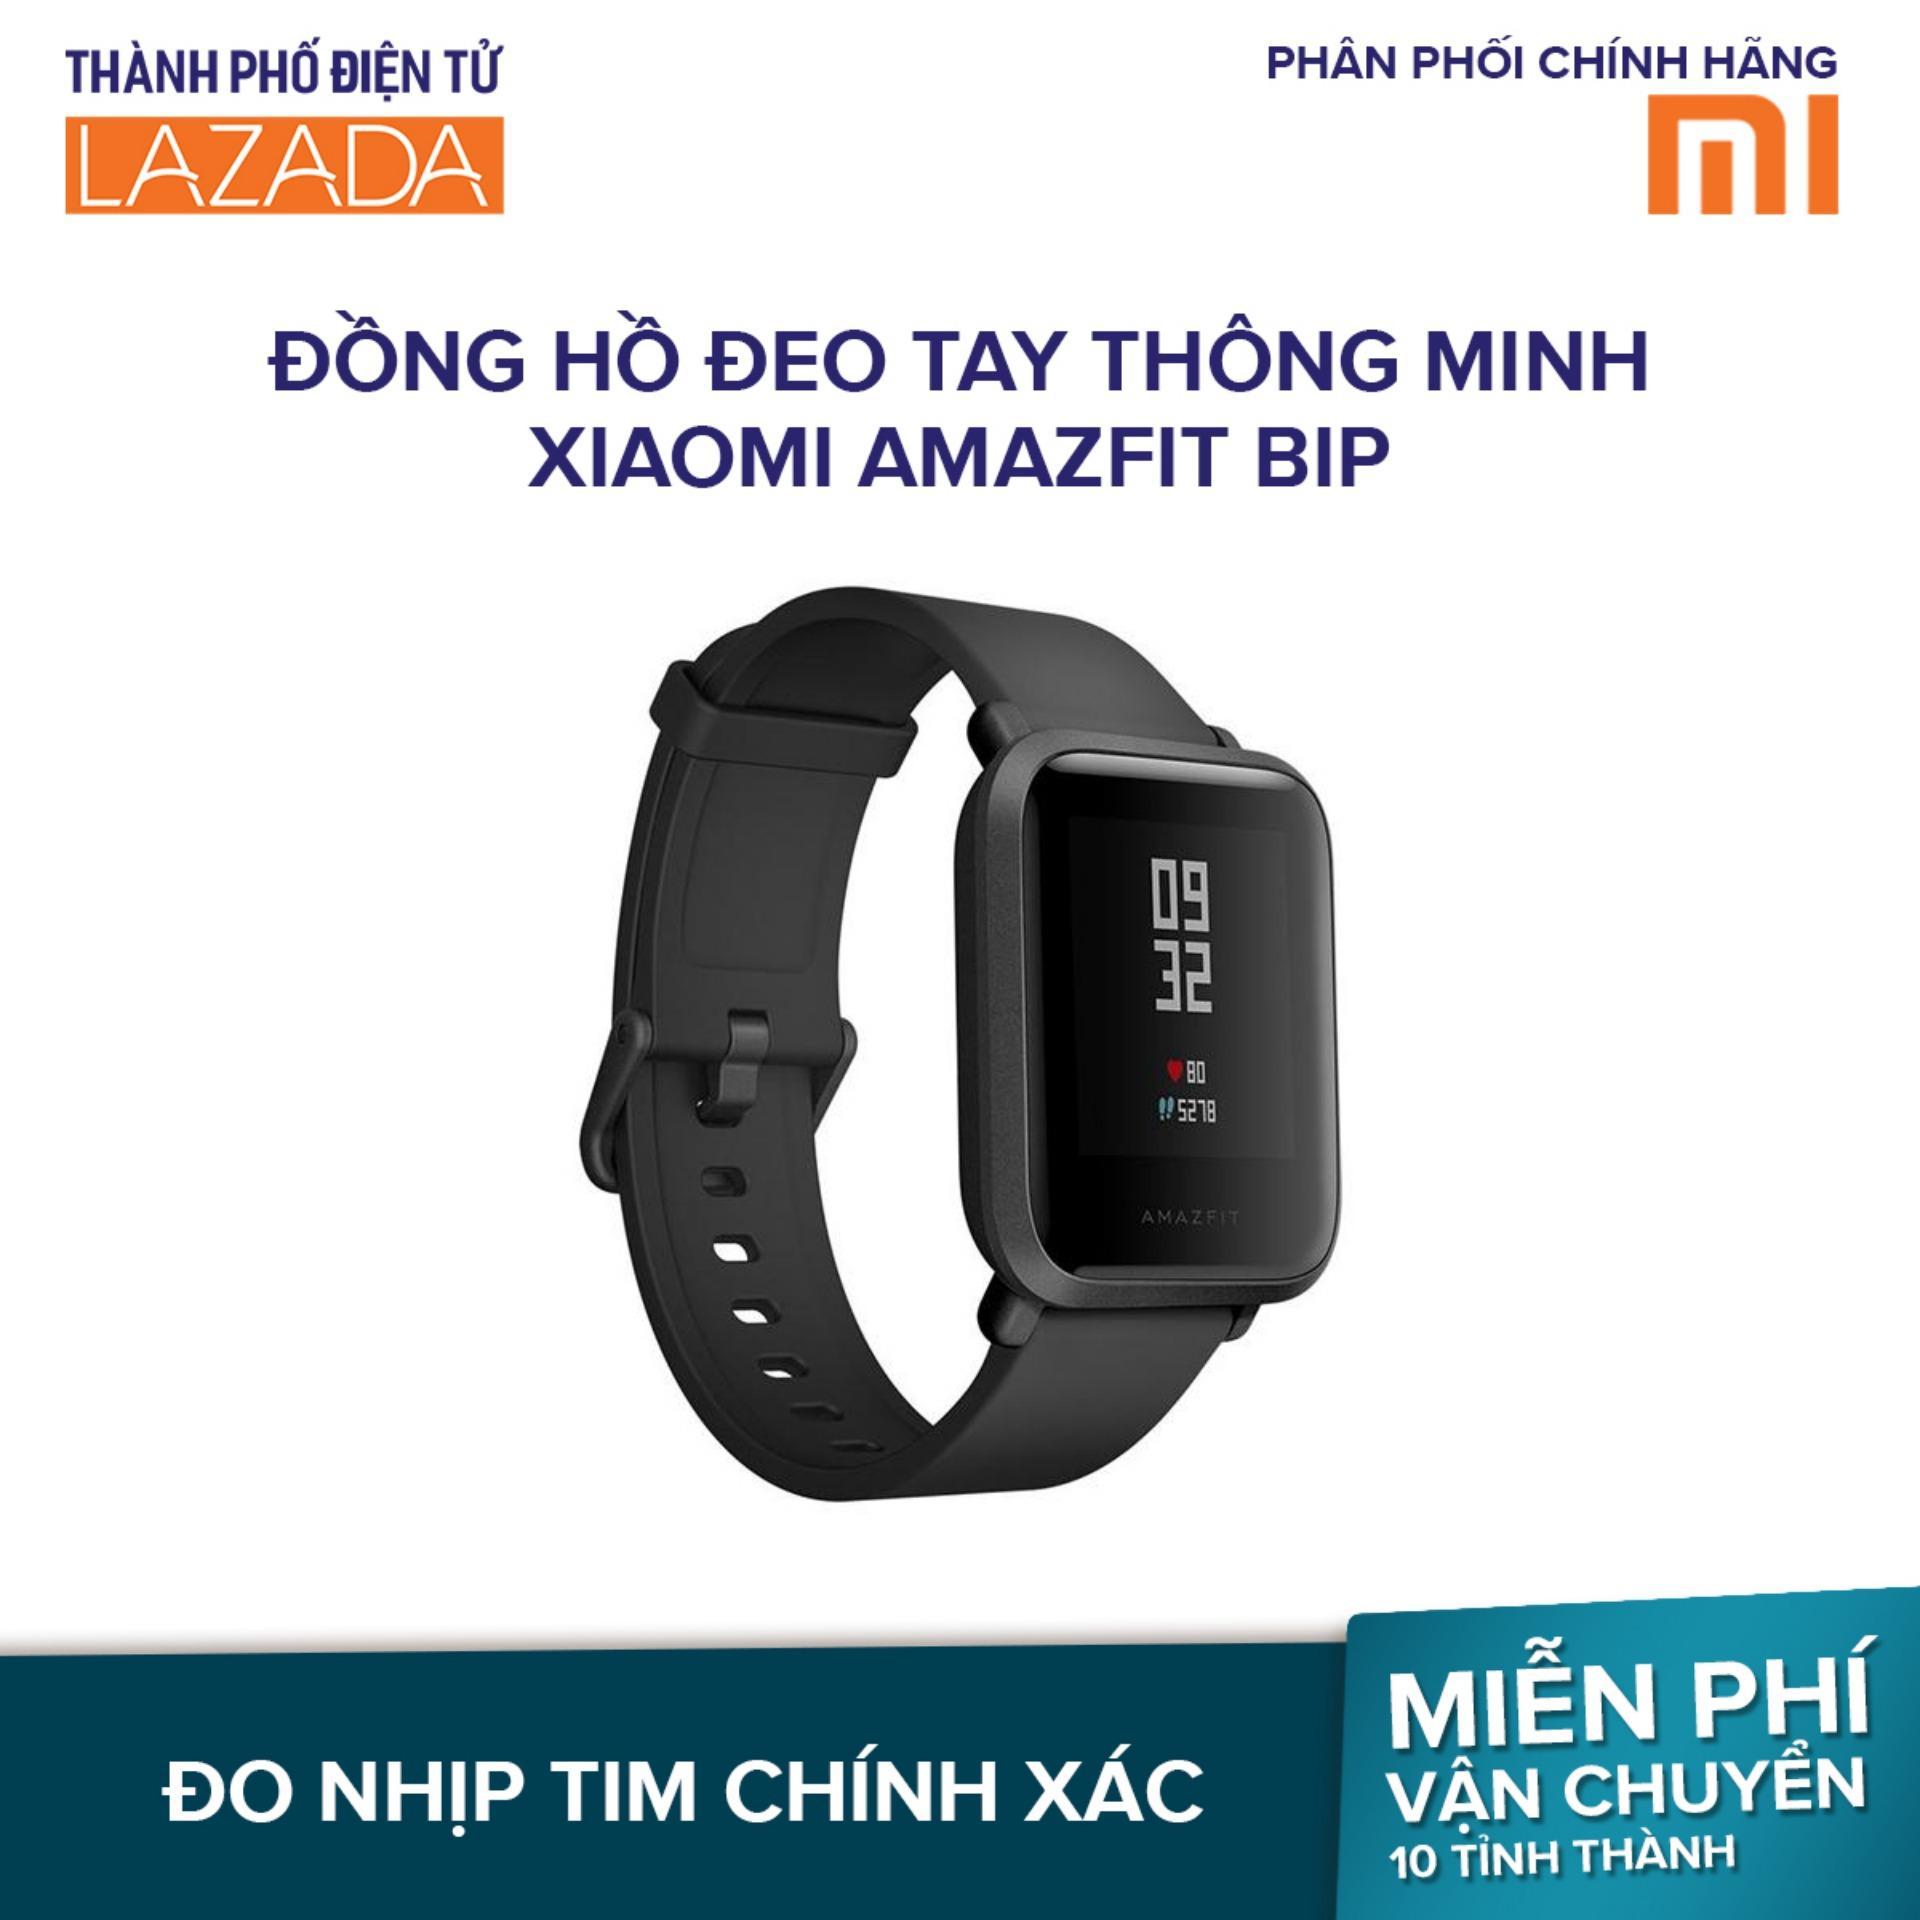 Đồng hồ đeo tay thông minh Xiaomi Amazfit Bip - Hãng phân phối chính thức